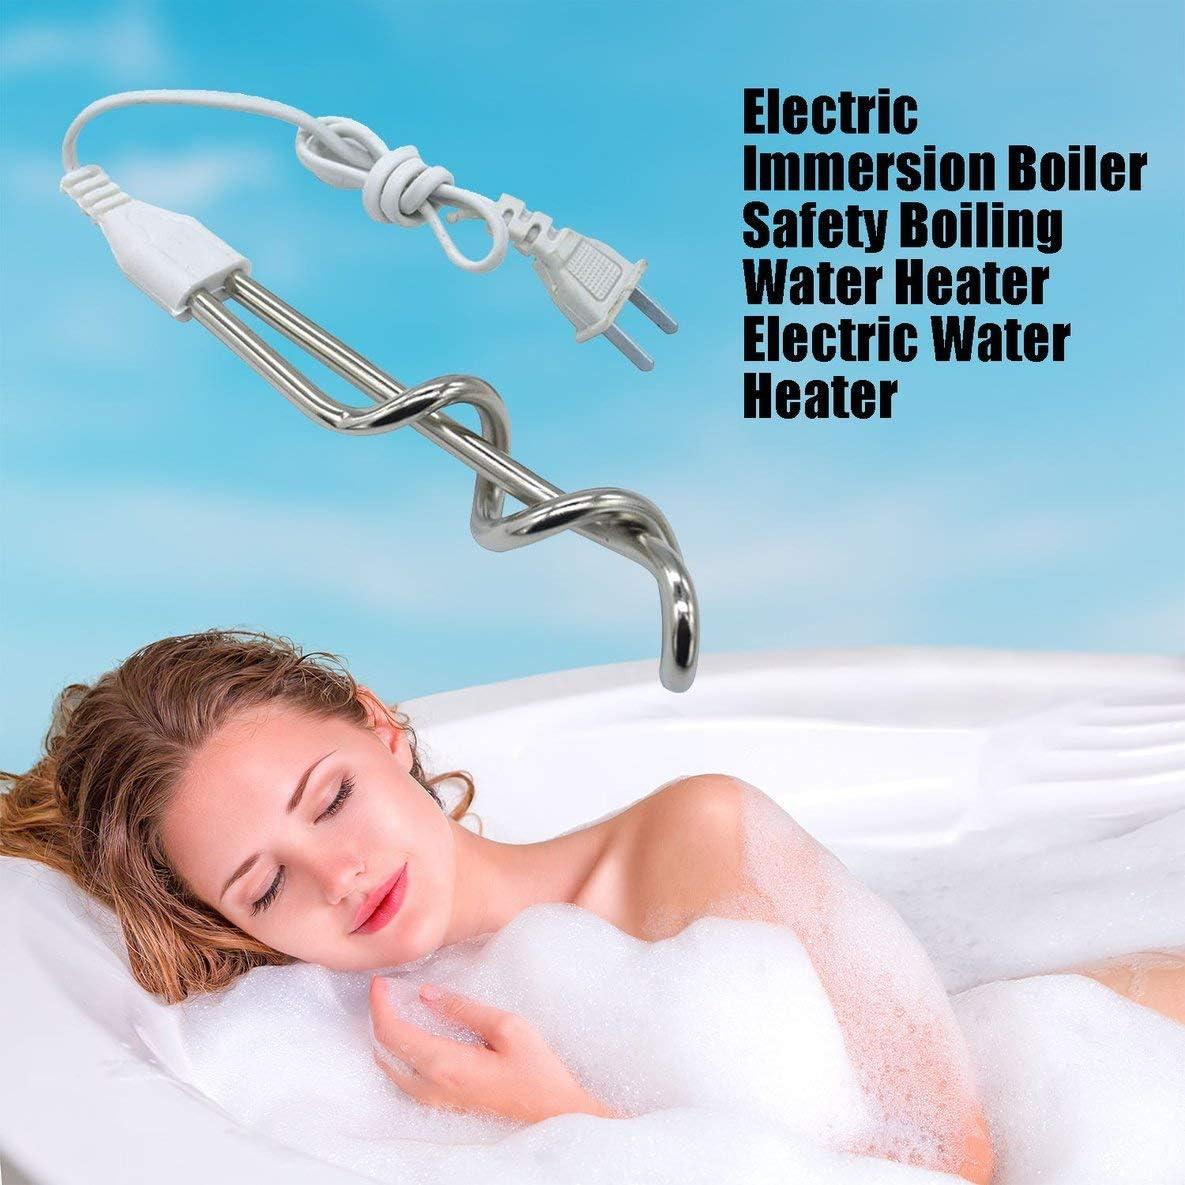 Monlladek Elektrischer Tauchsieder Sicherheit Kochender Warmwasserbereiter Elektrischer Warmwasserbereiter Schnelle Heizung Brennendes Bad Hei/ßwasserbereiter